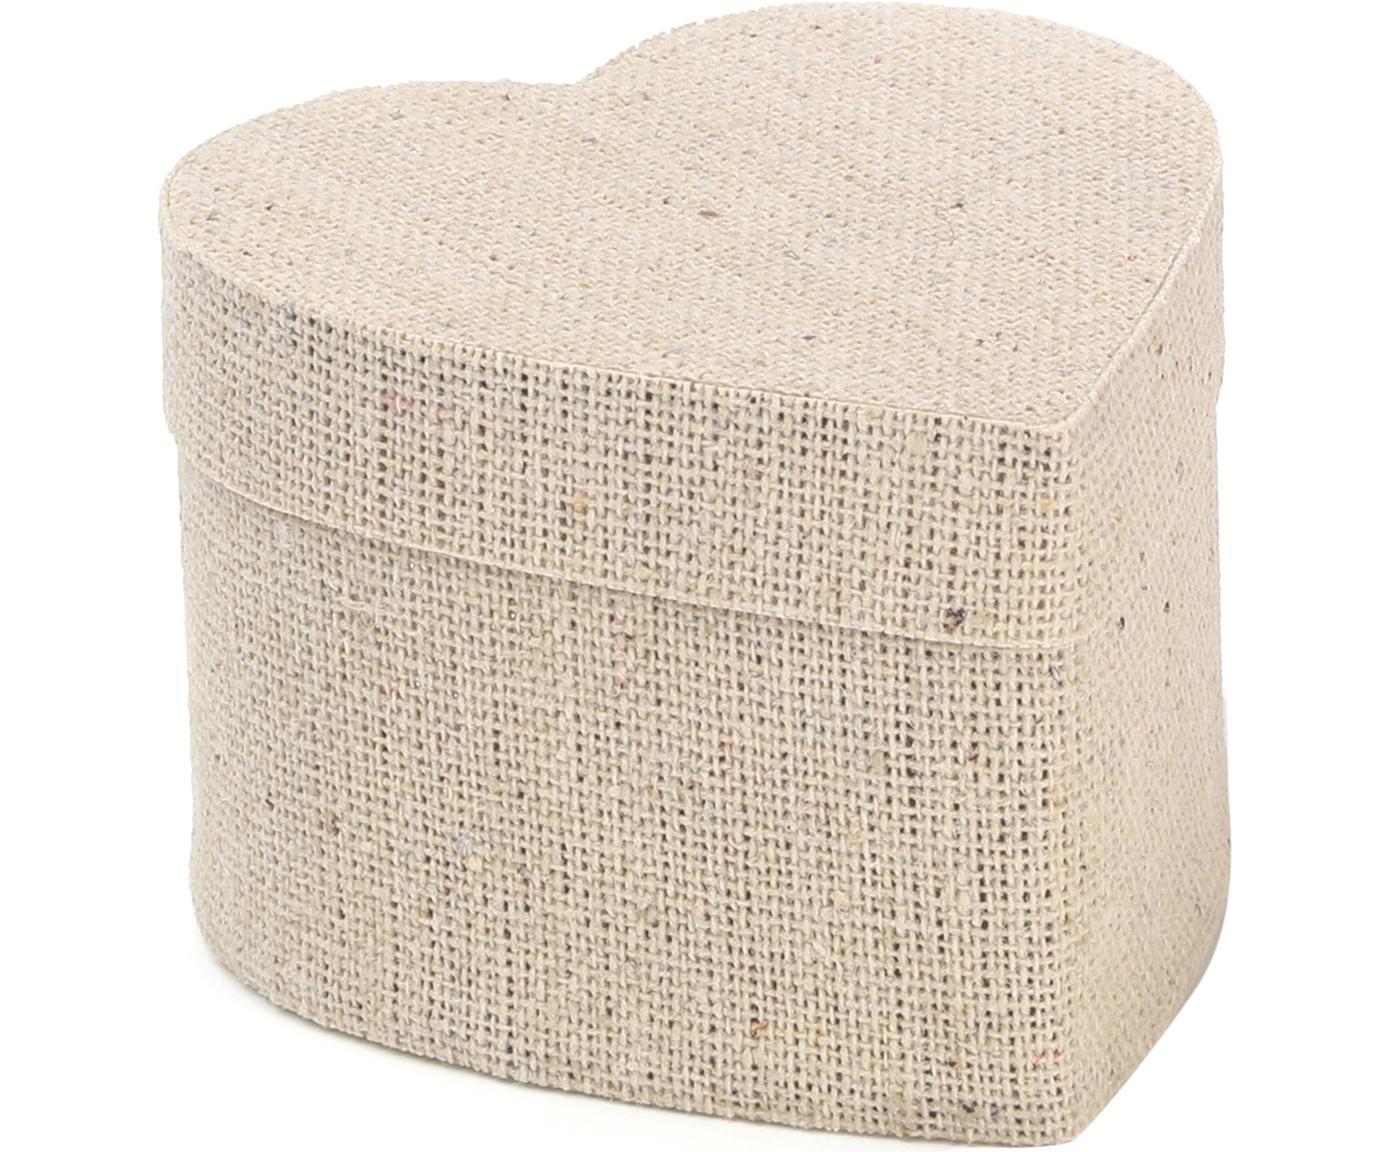 Geschenkboxen Heart, 6 Stück, Baumwolle, Beige, 5 x 7 cm